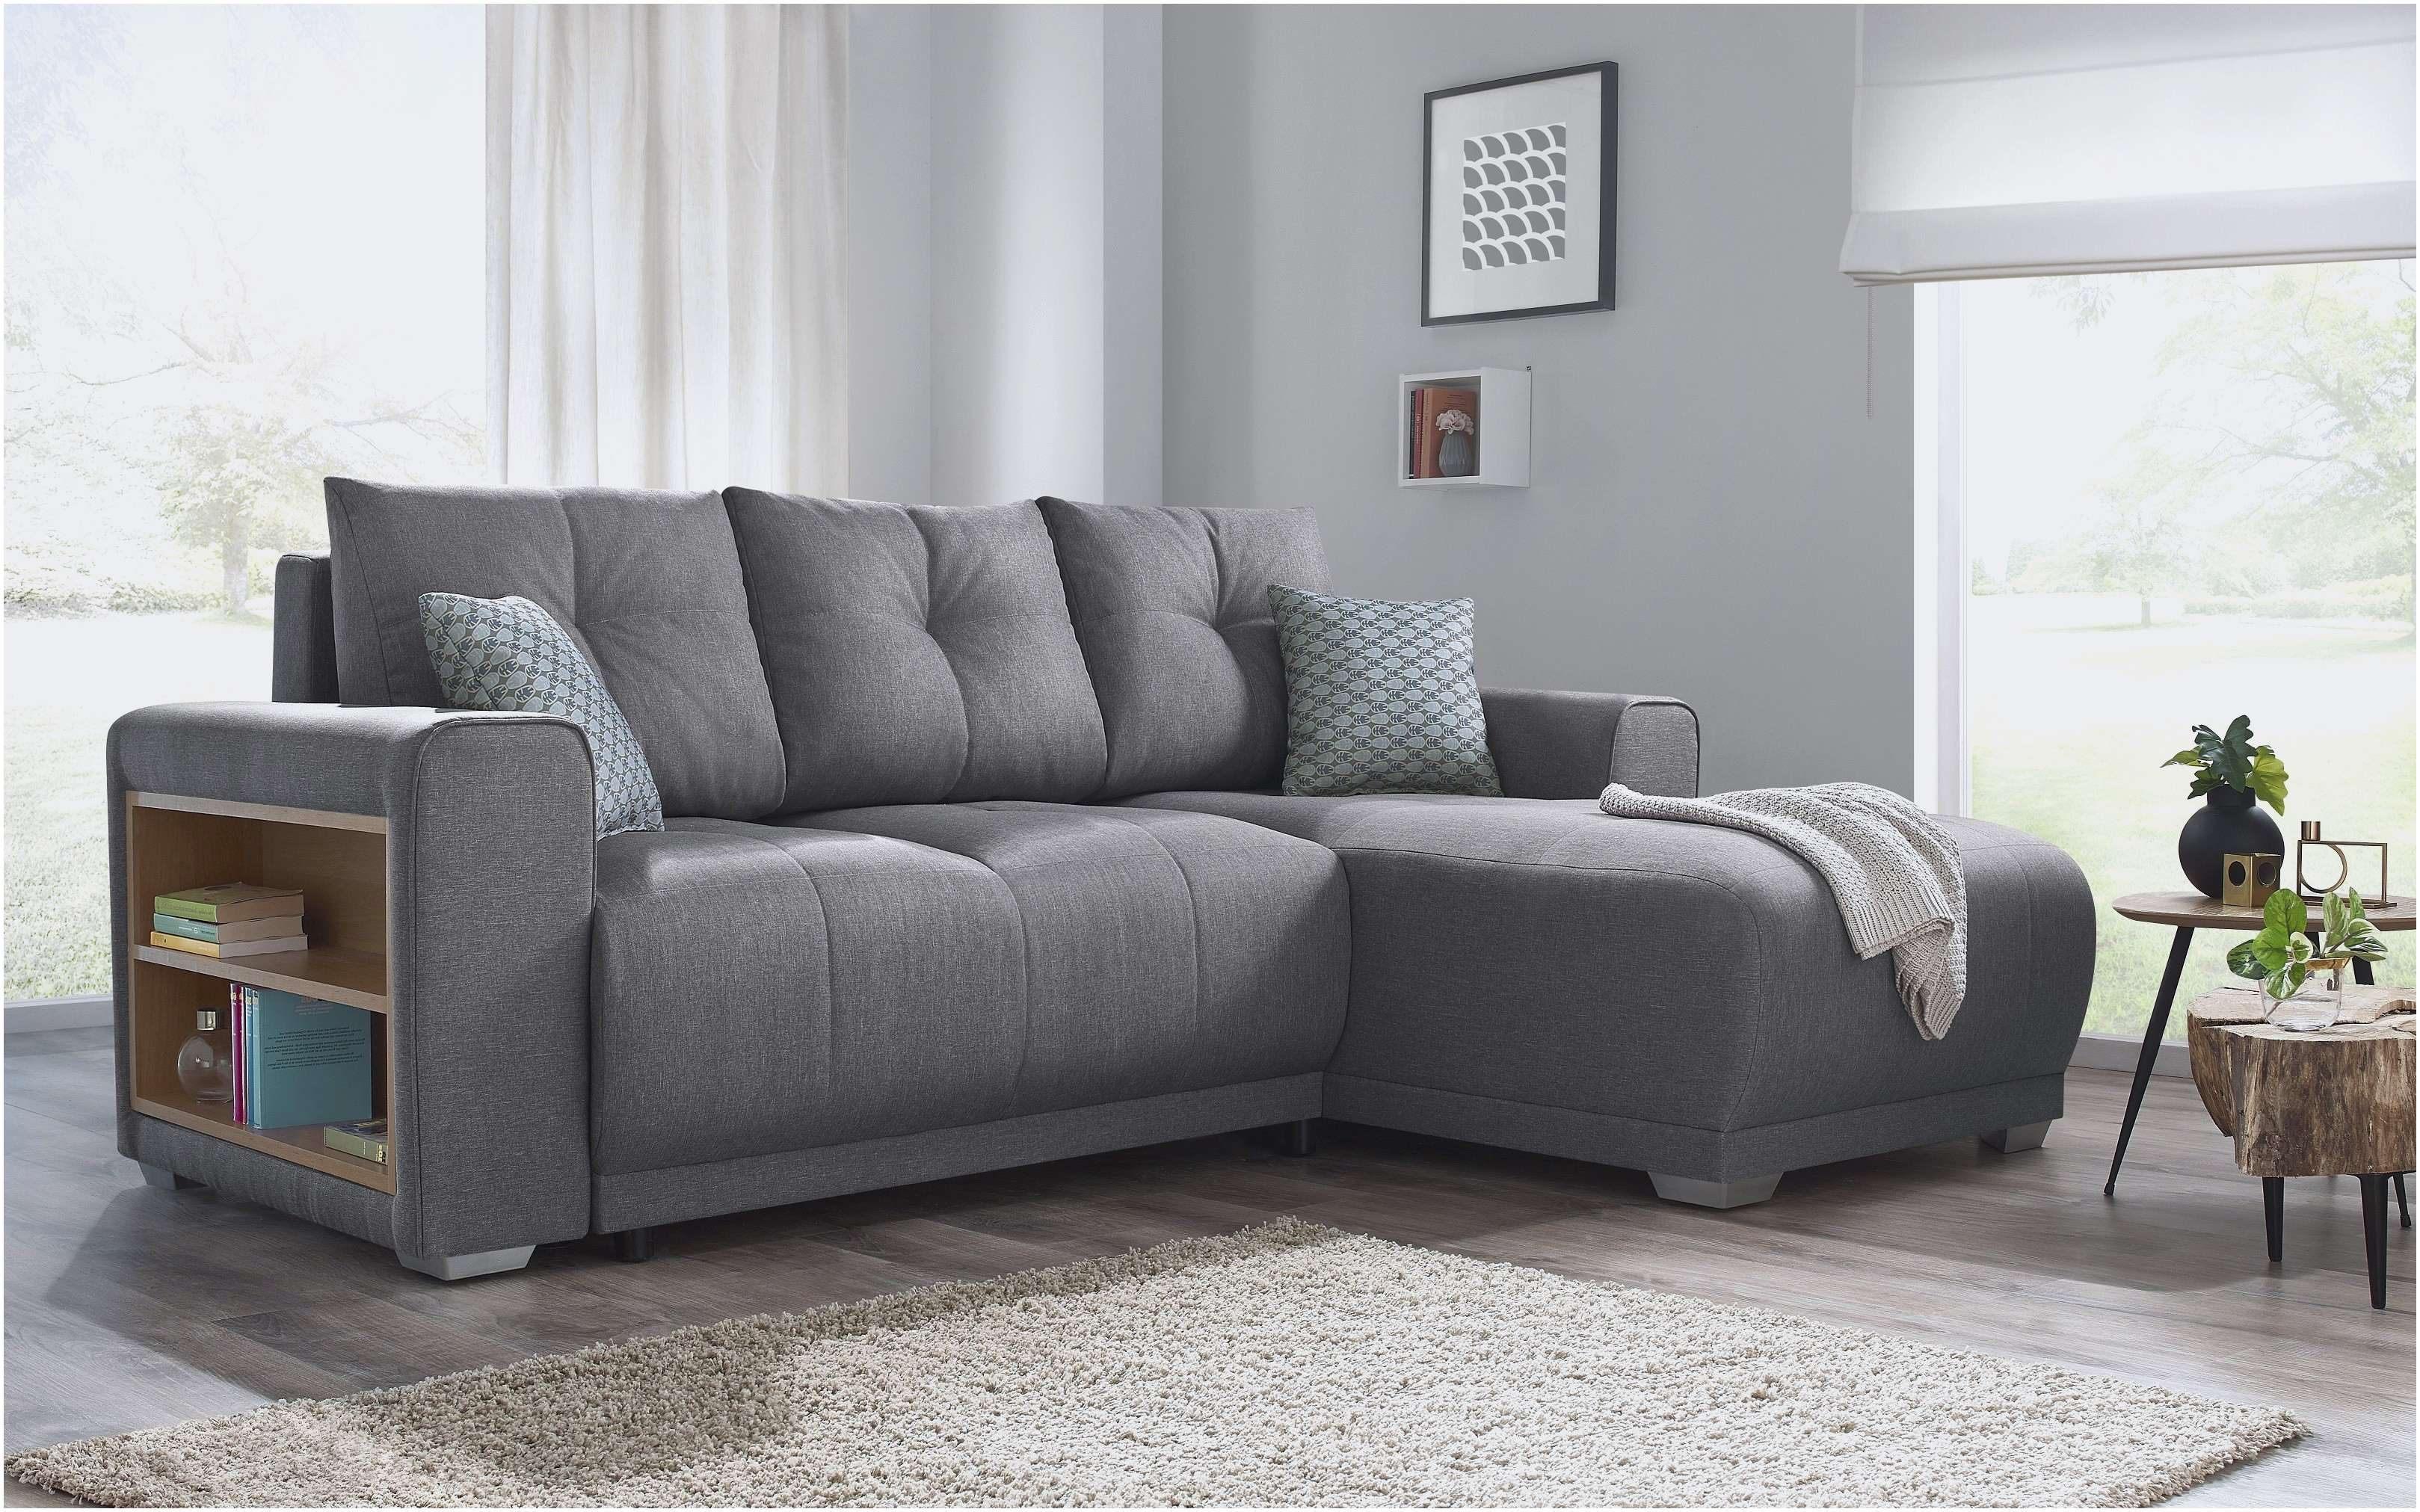 Canapé Lit Confortable Magnifique Frais Unique Canapé Lit Design Pour Meilleur Canapé Conforama